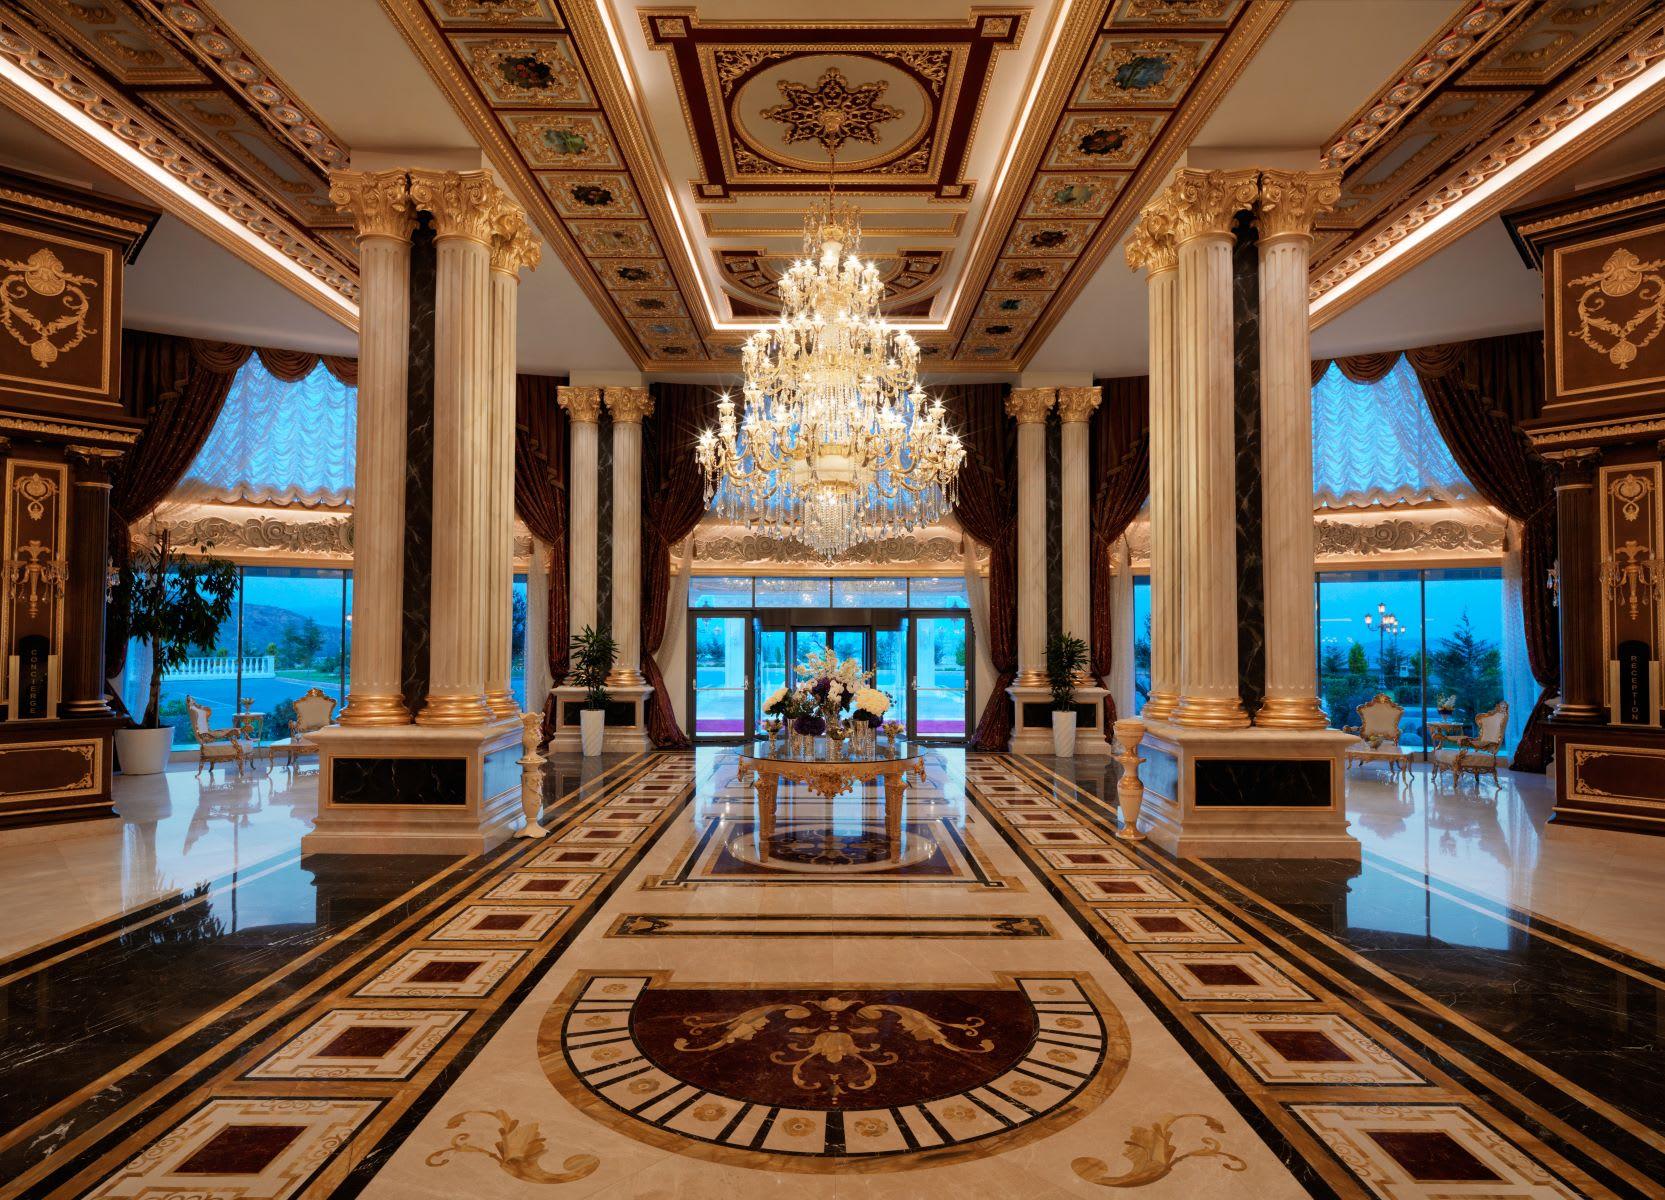 جوهرة منعزلة وسط الطبيعة.. كيف هي تجربة المكوث في هذا القصر؟